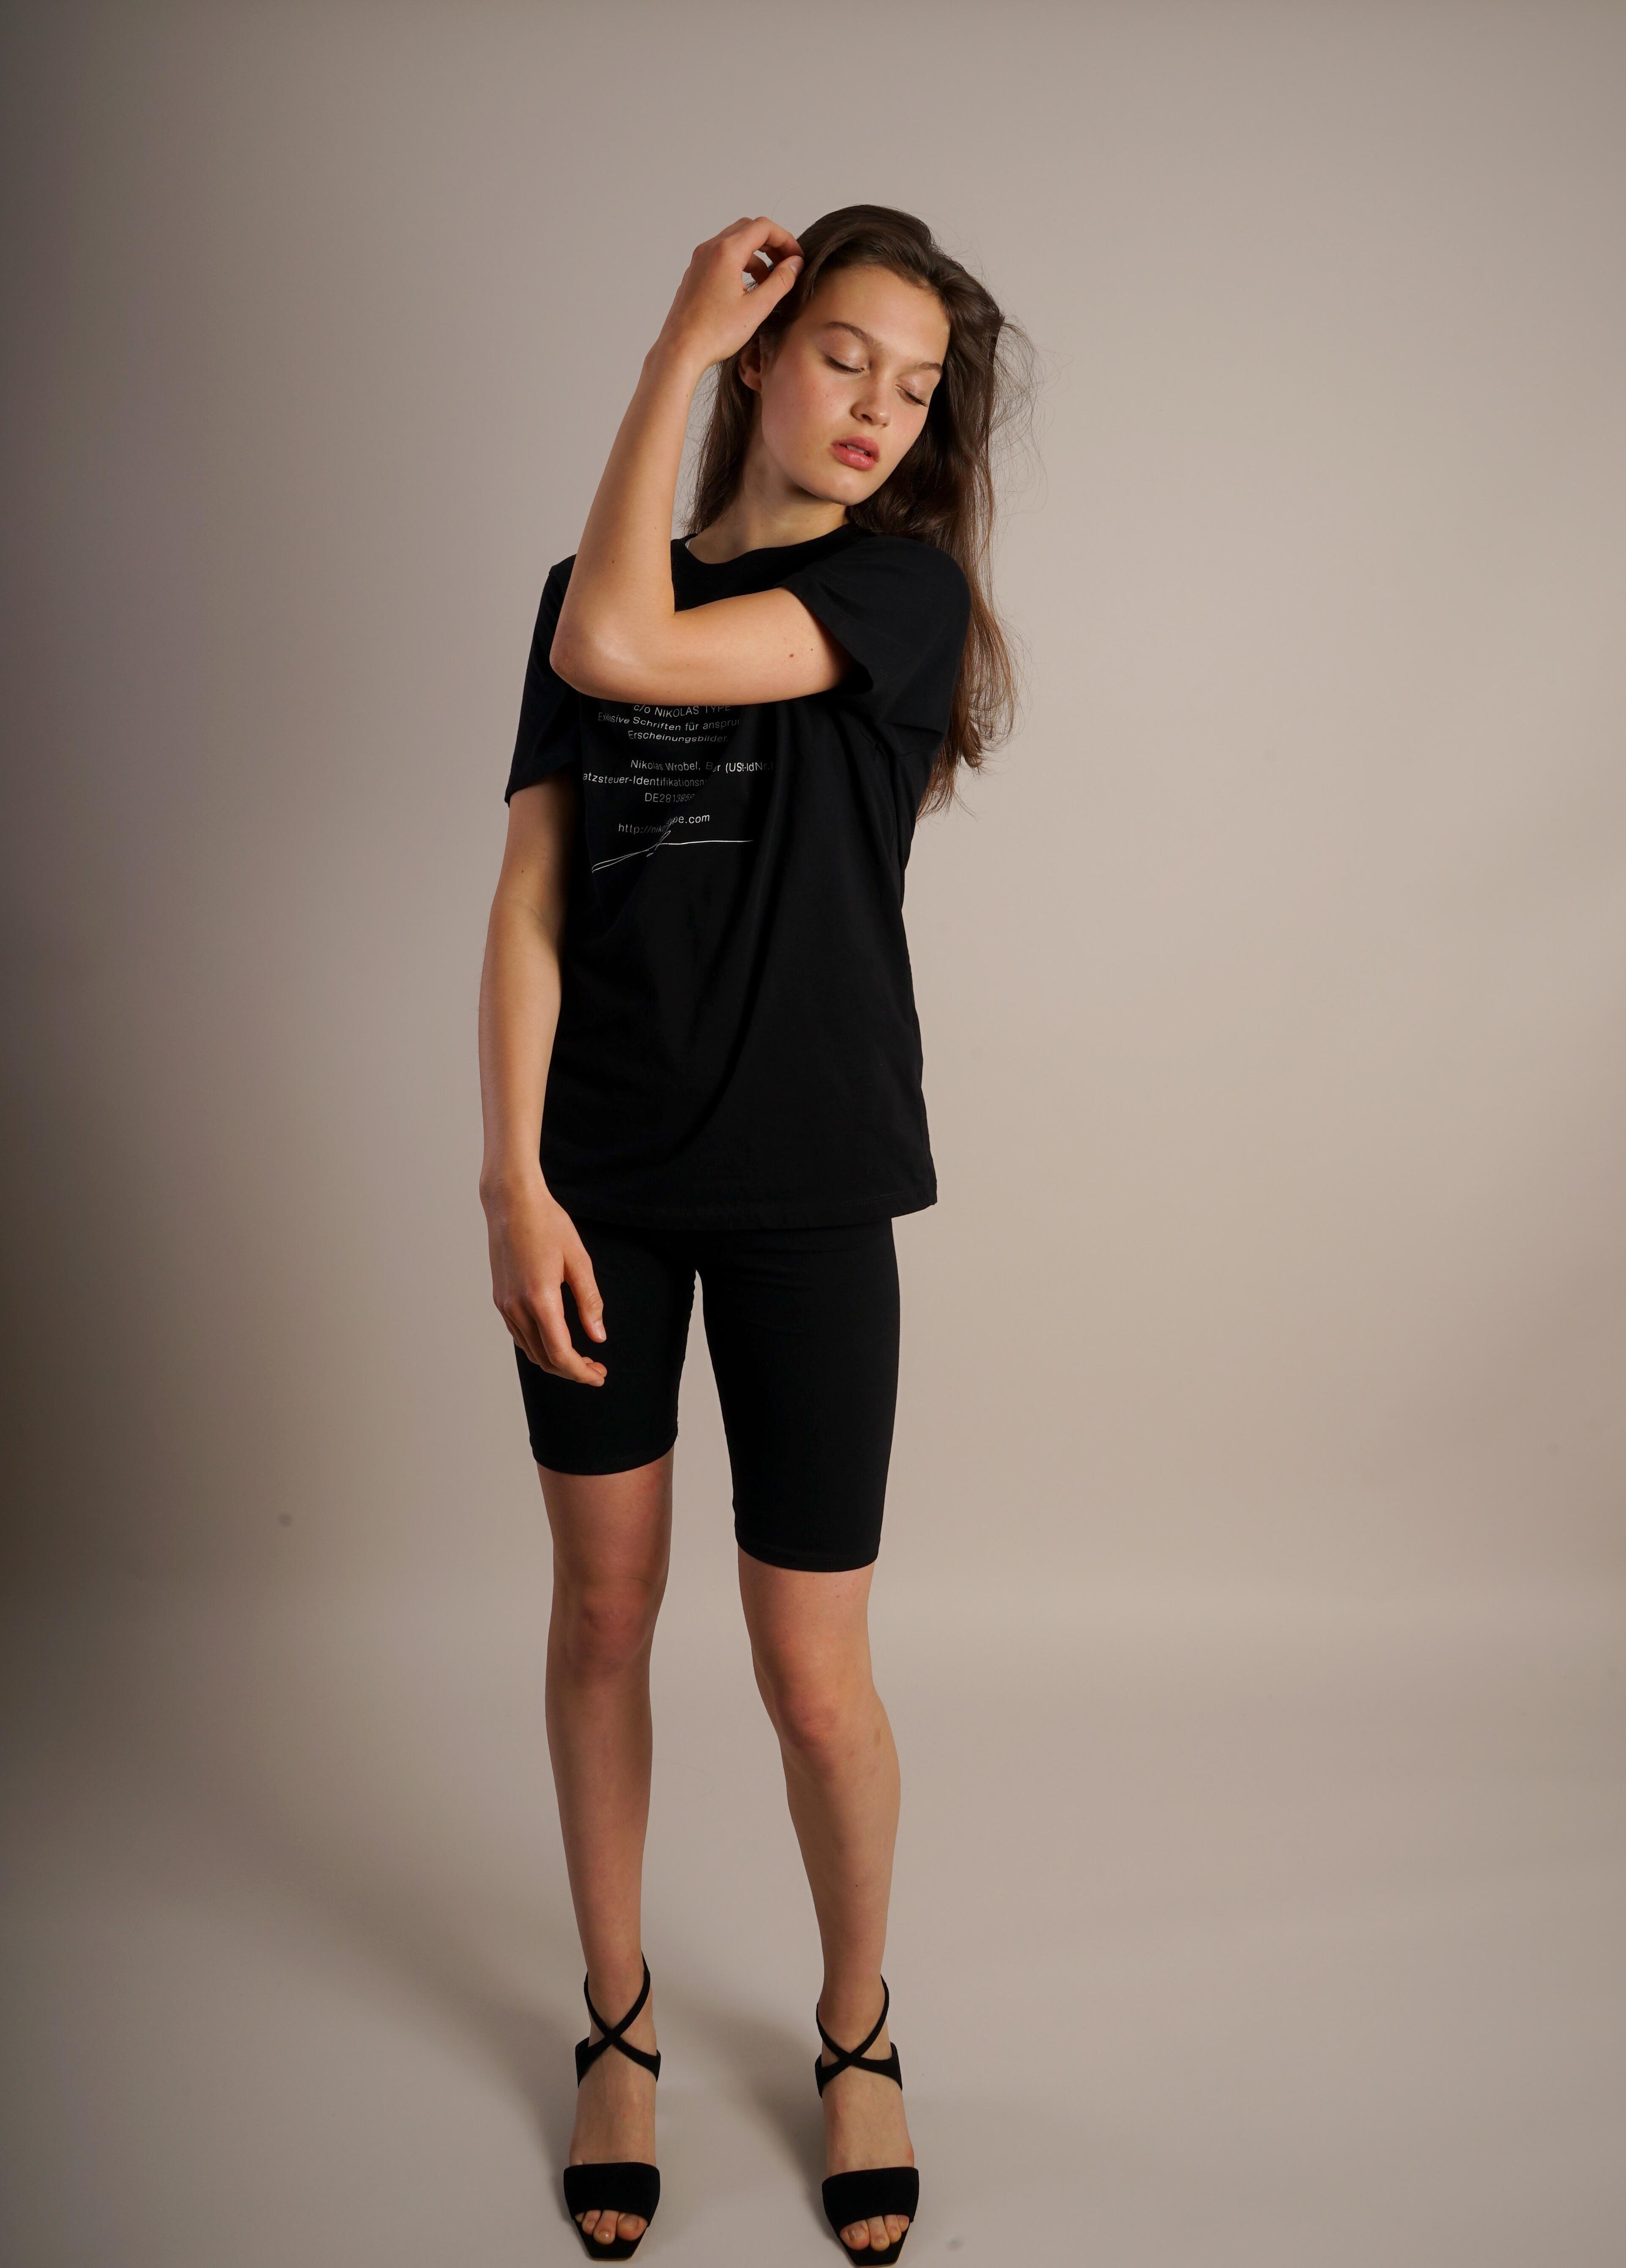 NikolasType_NikolasWrobel-T-Shirt-2